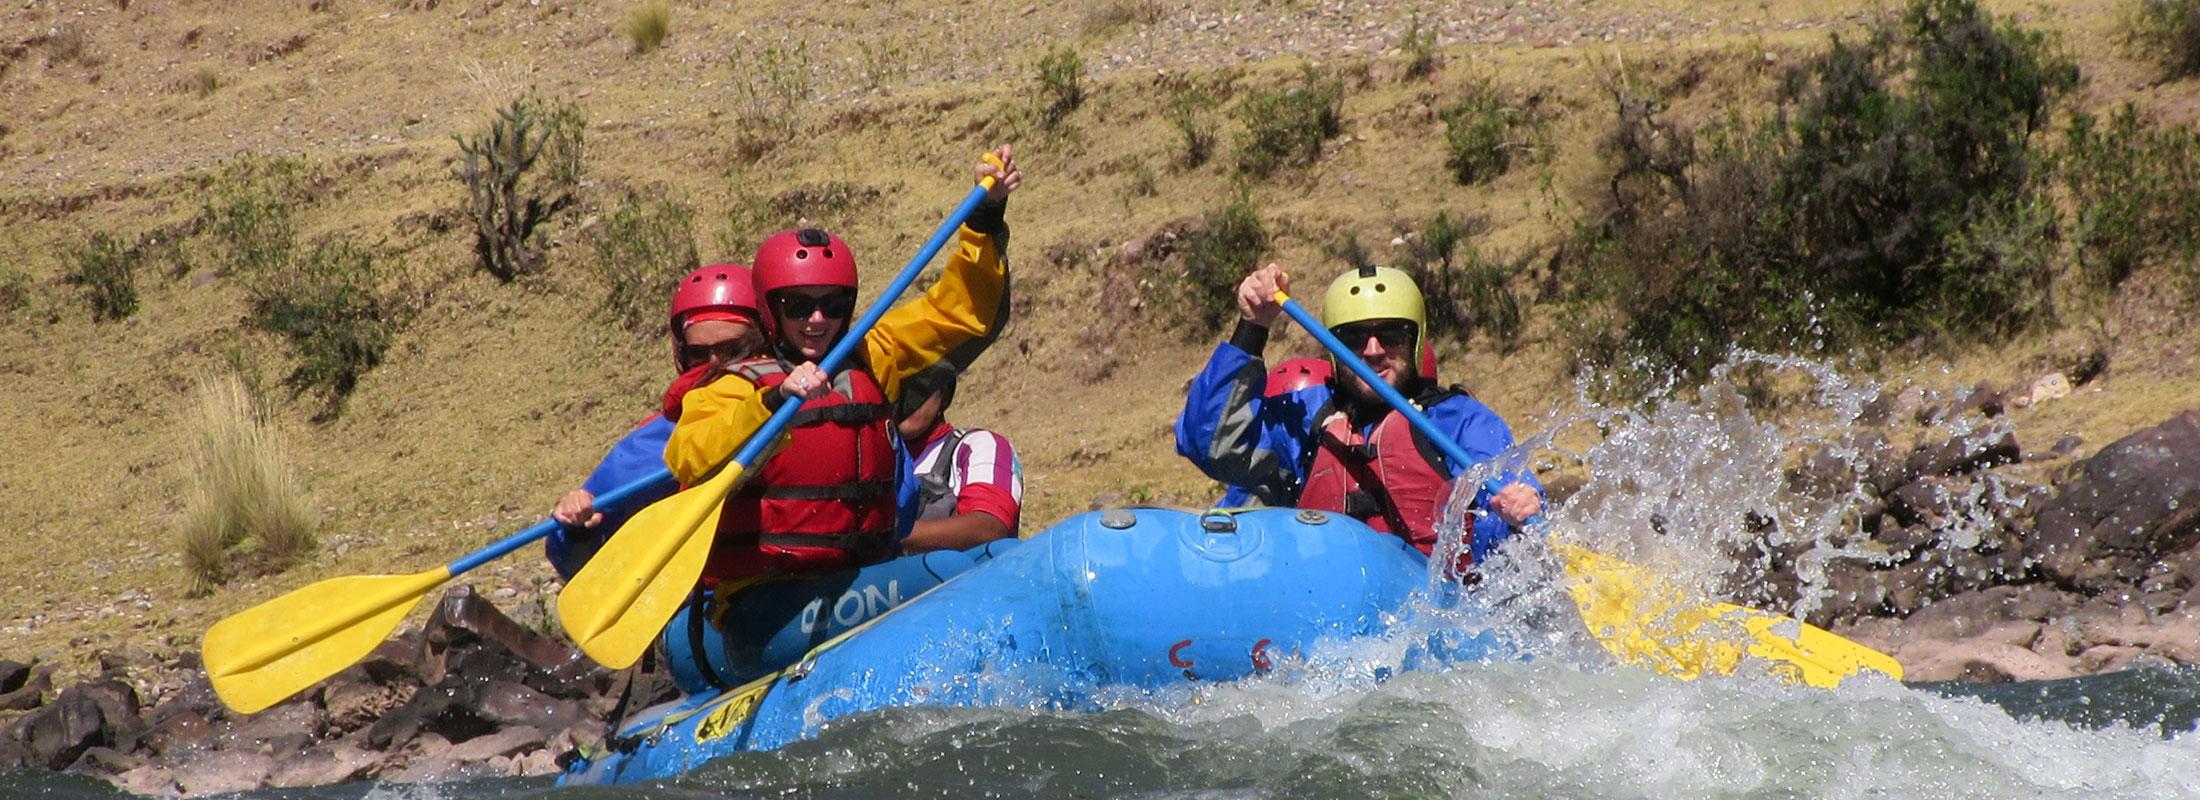 cusco peru rafting (3)